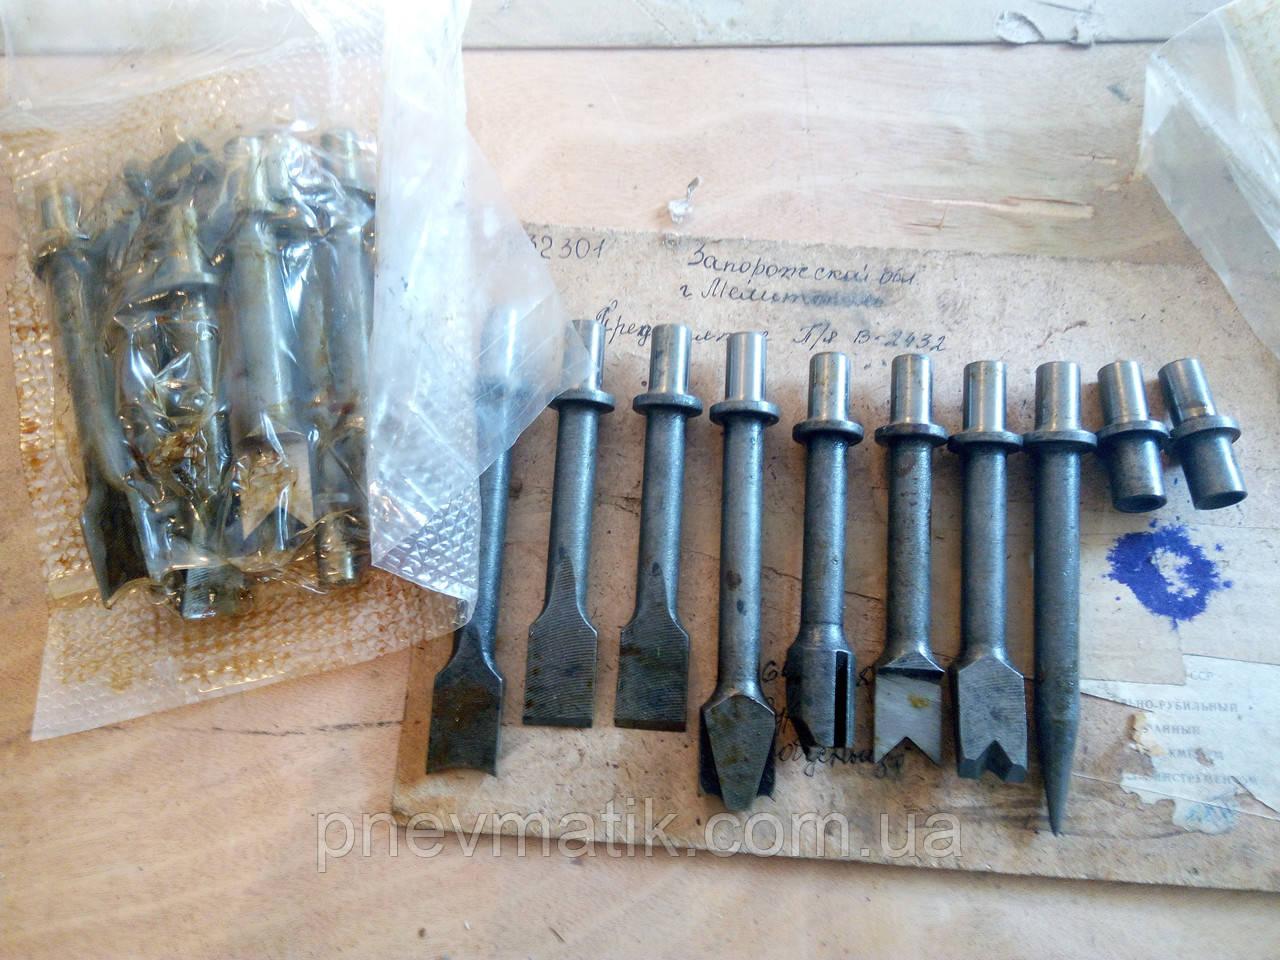 Насадки,зубила для пневматического клепального молотка кмп32, кмп42. Комплект